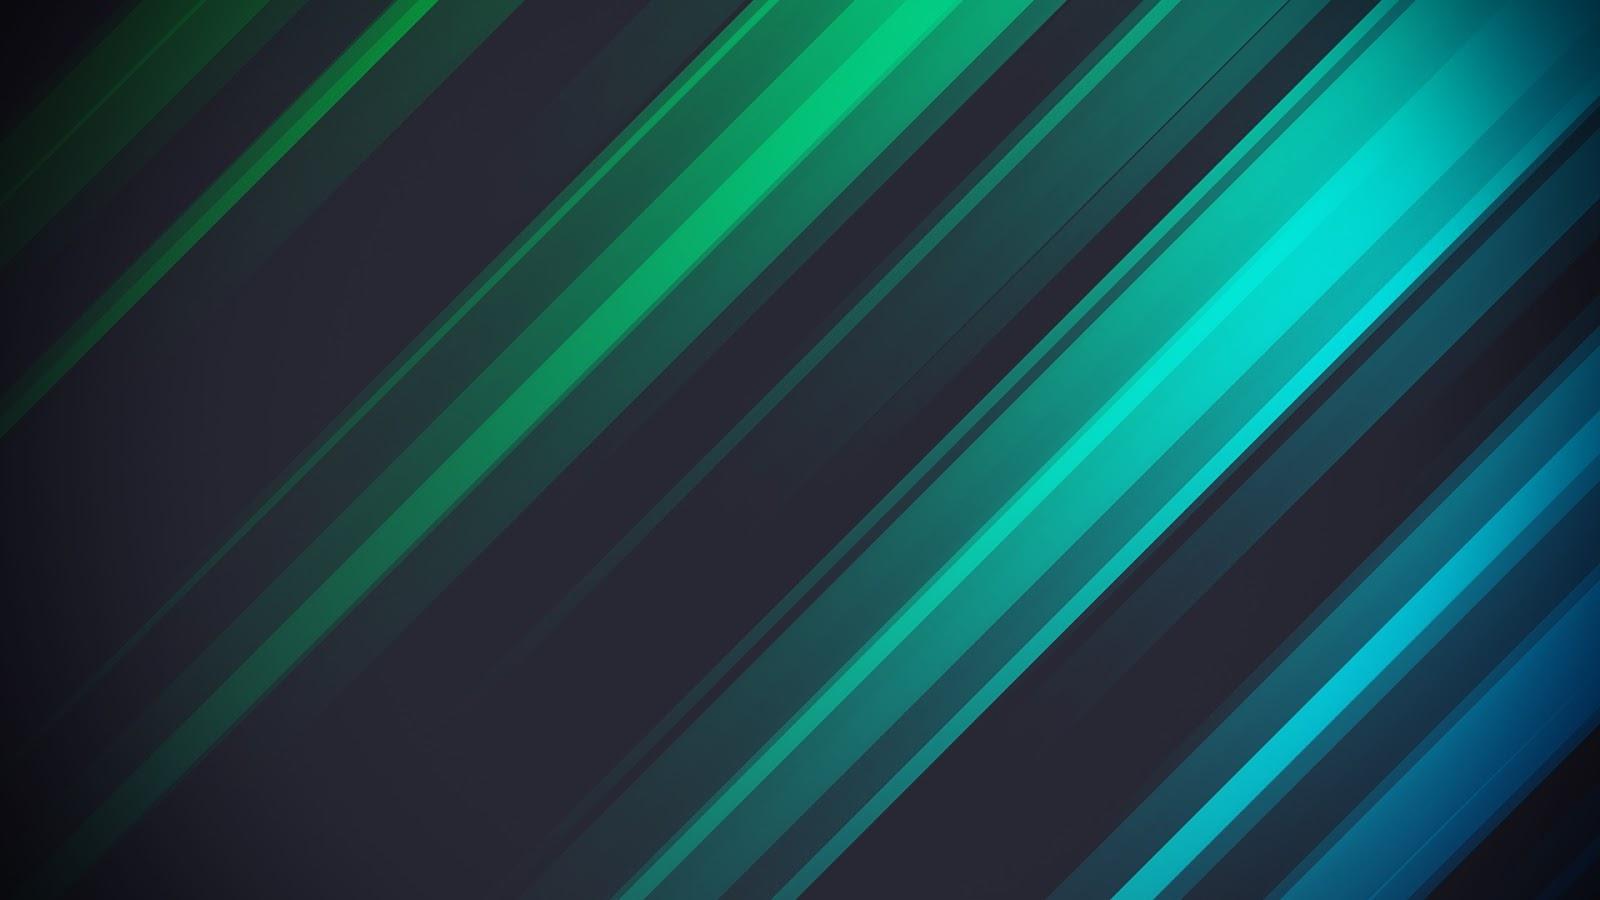 100 Hd 4k Linux Wallpapers 1440p For Desktop 2019 Www